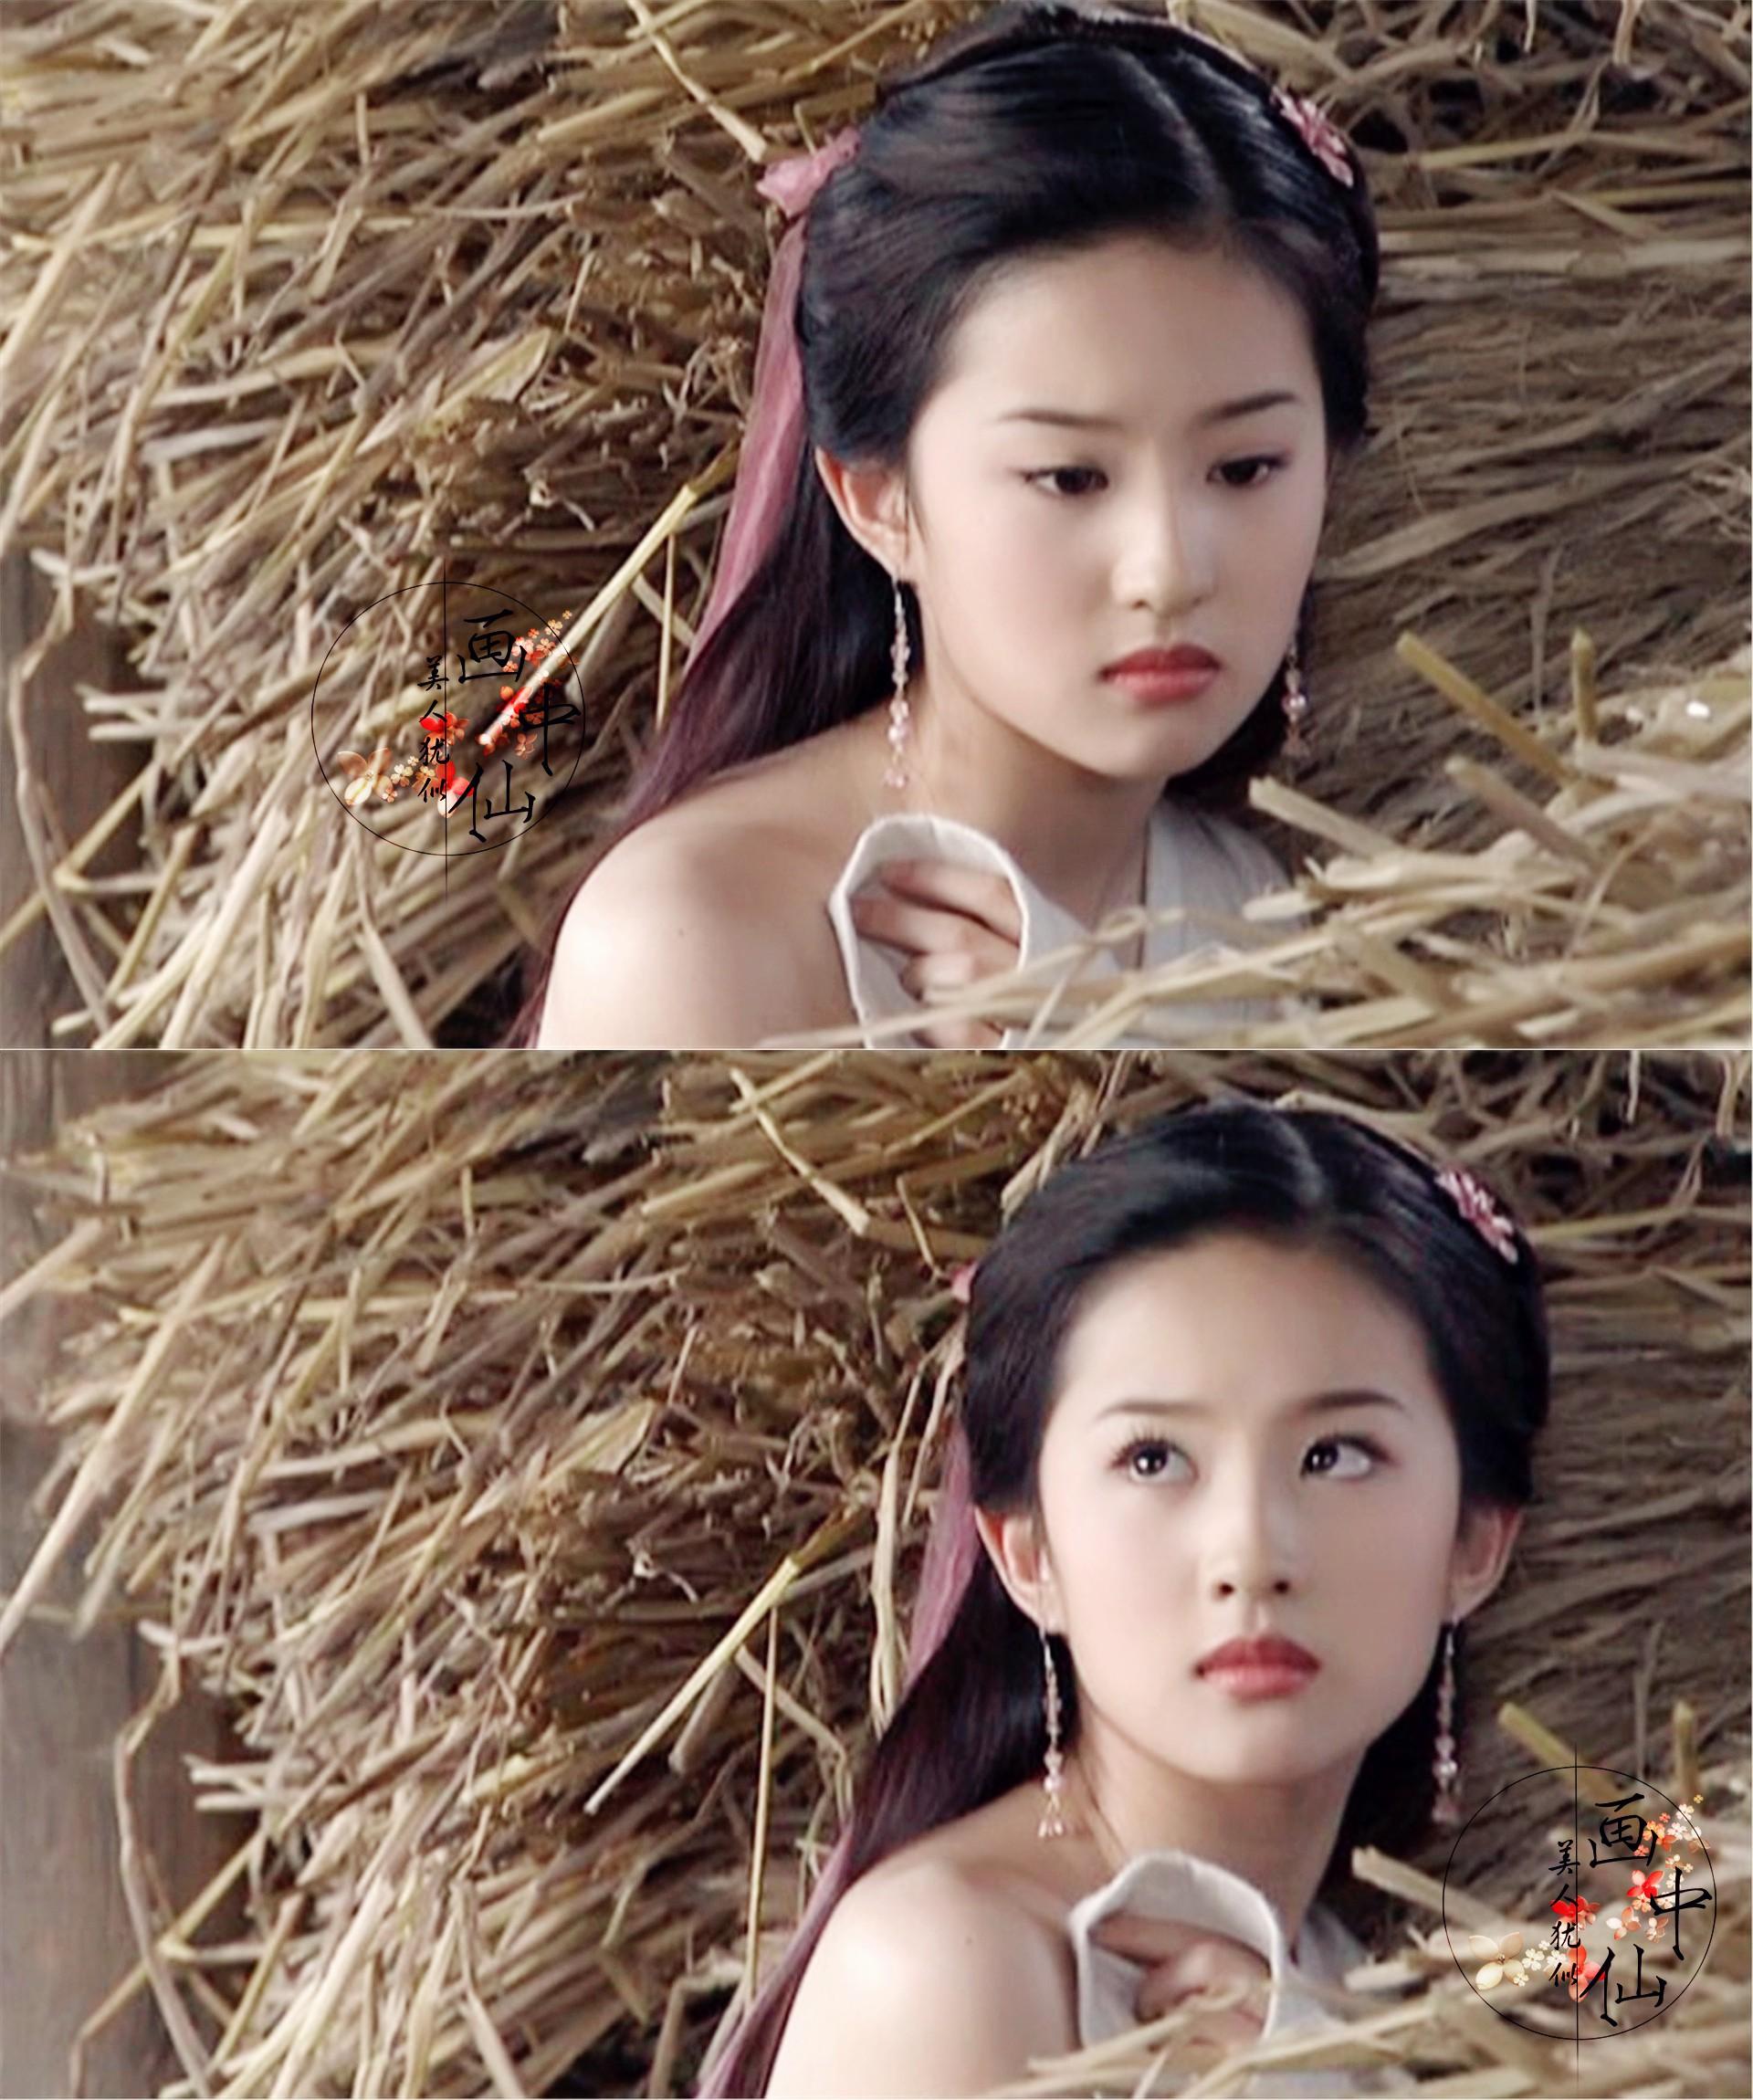 9 phim châu Á có cảnh nóng chưa đủ tuổi gây tranh cãi: Lưu Diệc Phi mới 16 tuổi, sao nhí Kim So Hyun chỉ vừa 13 - Hình 7